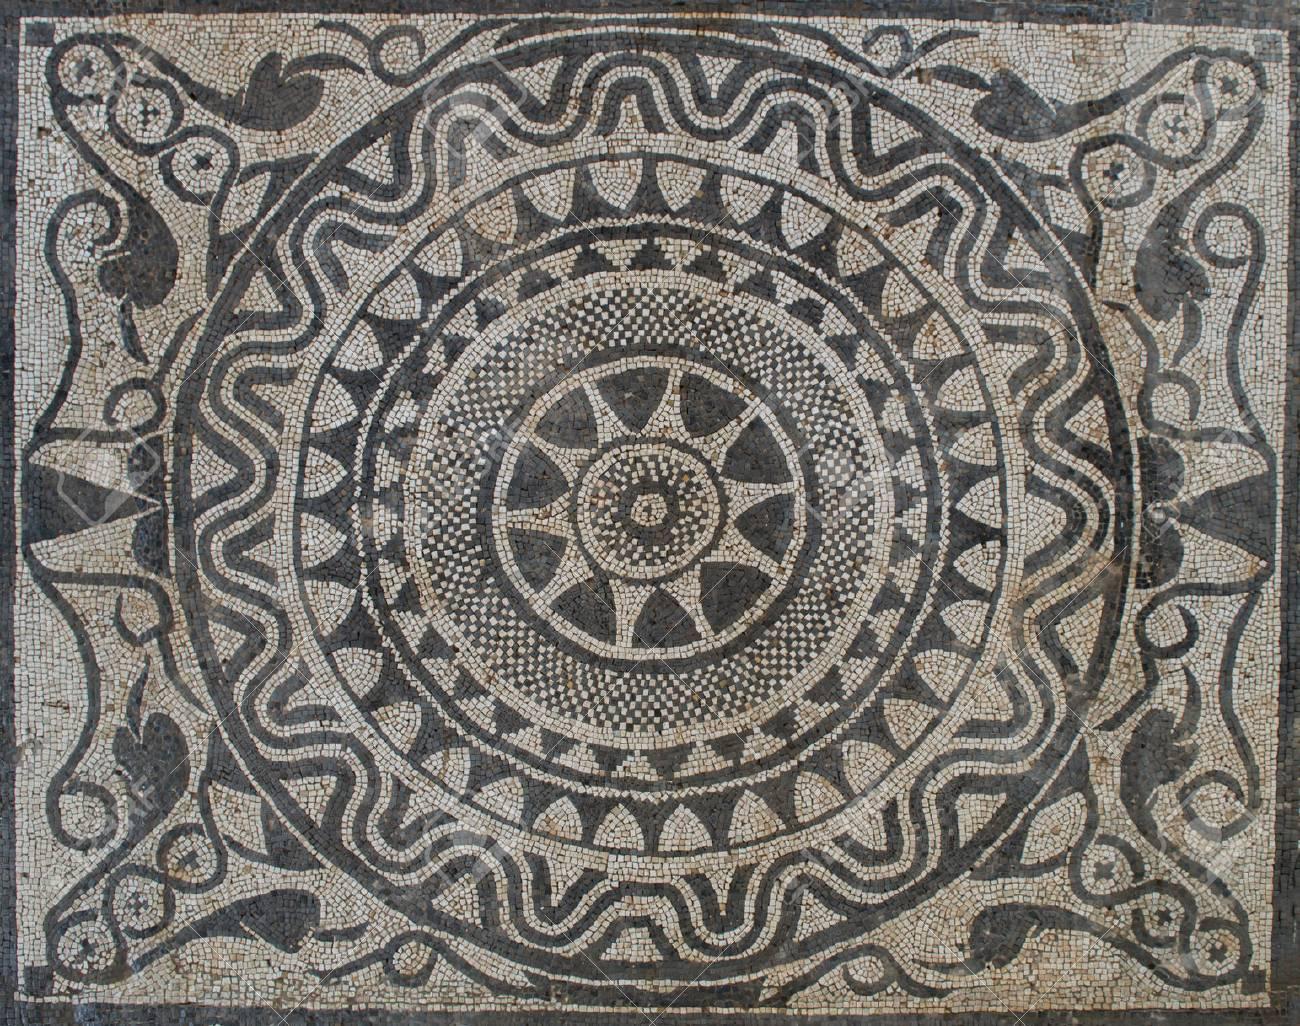 Uprising sun on Mosaic in Roman villa, from II Century B.C. - 56191448